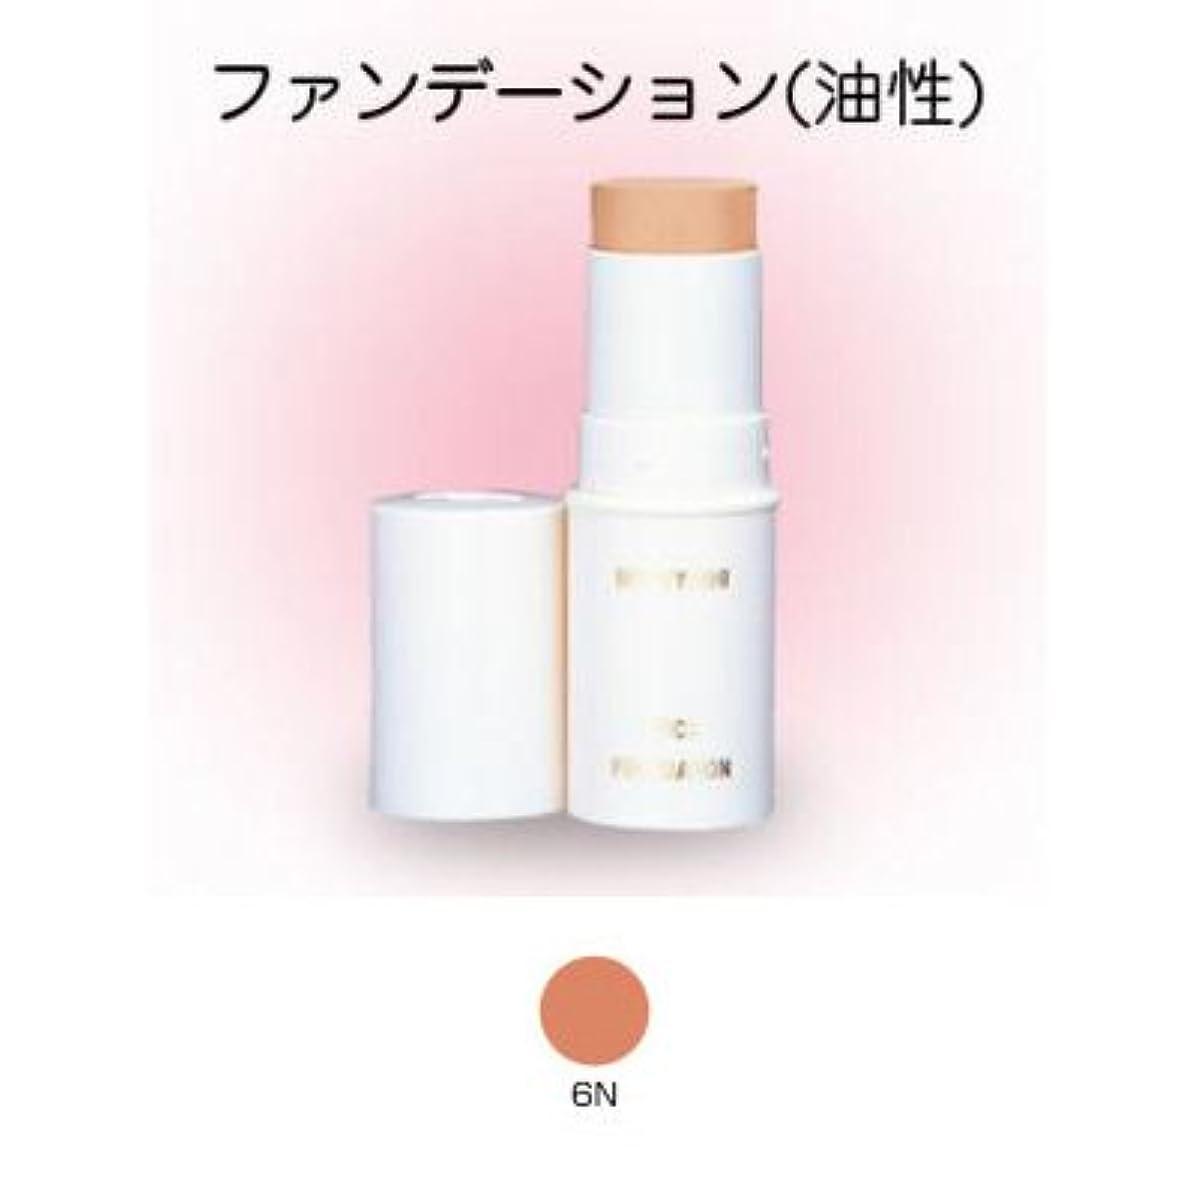 ネックレット医薬大気スティックファンデーション 16g 6N 【三善】